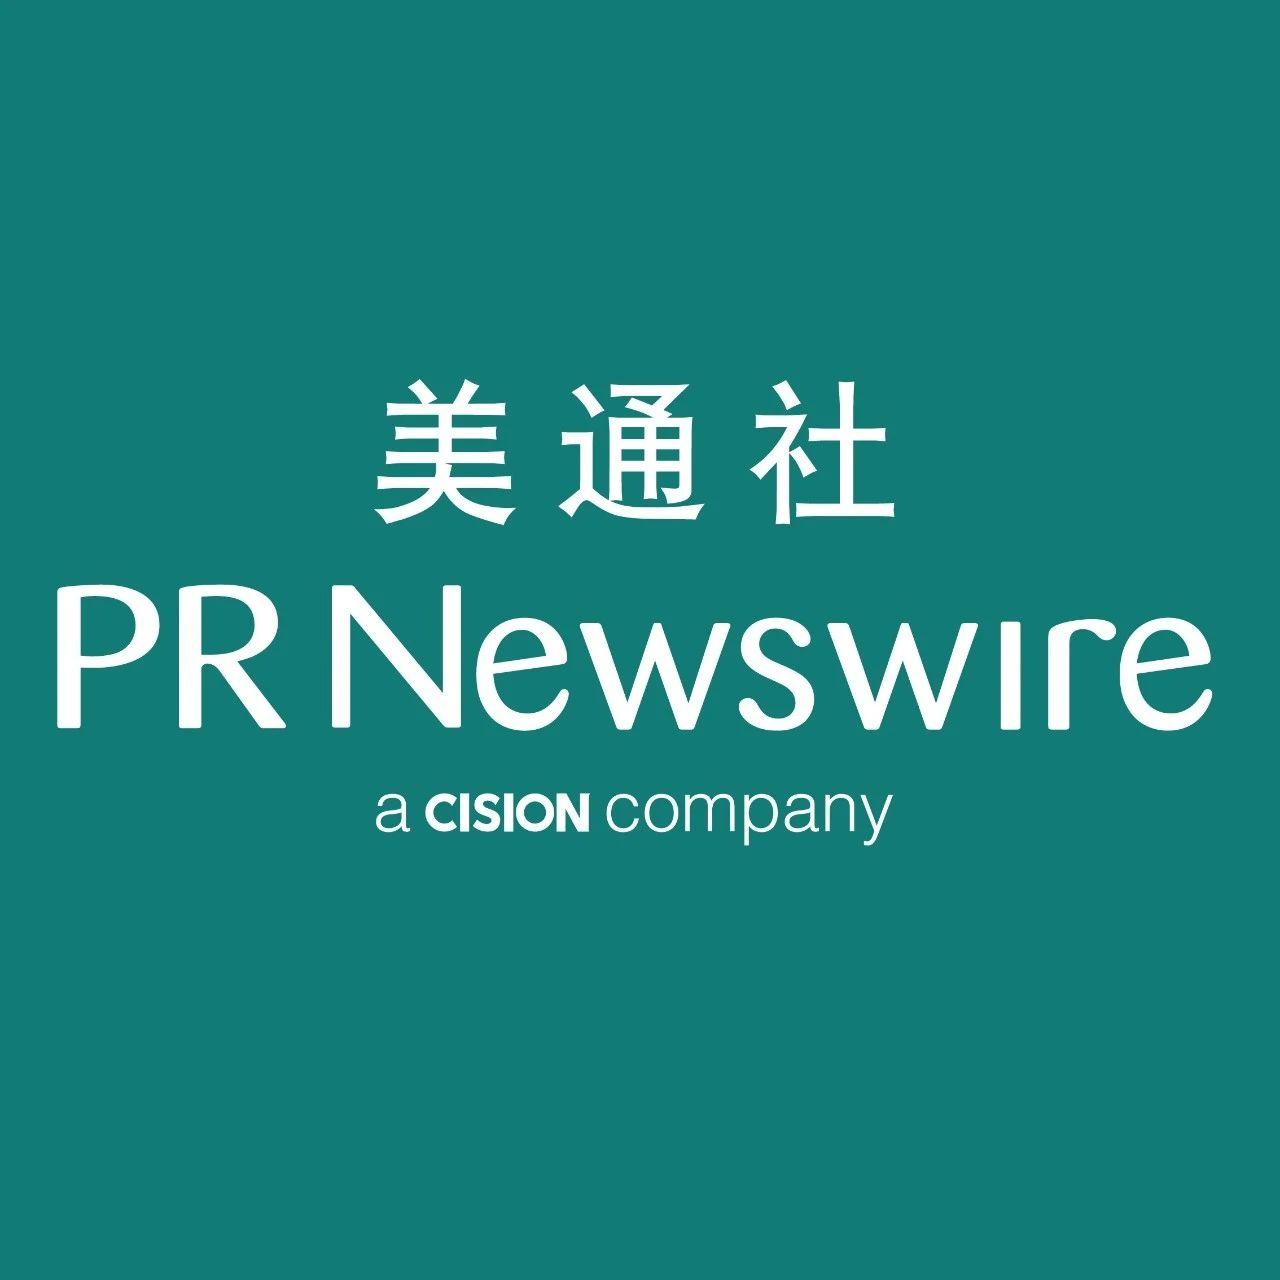 主流汽车品牌大众丰田影响力最高;COSTA正式布局中国即饮咖啡市场 | 美通企业日报